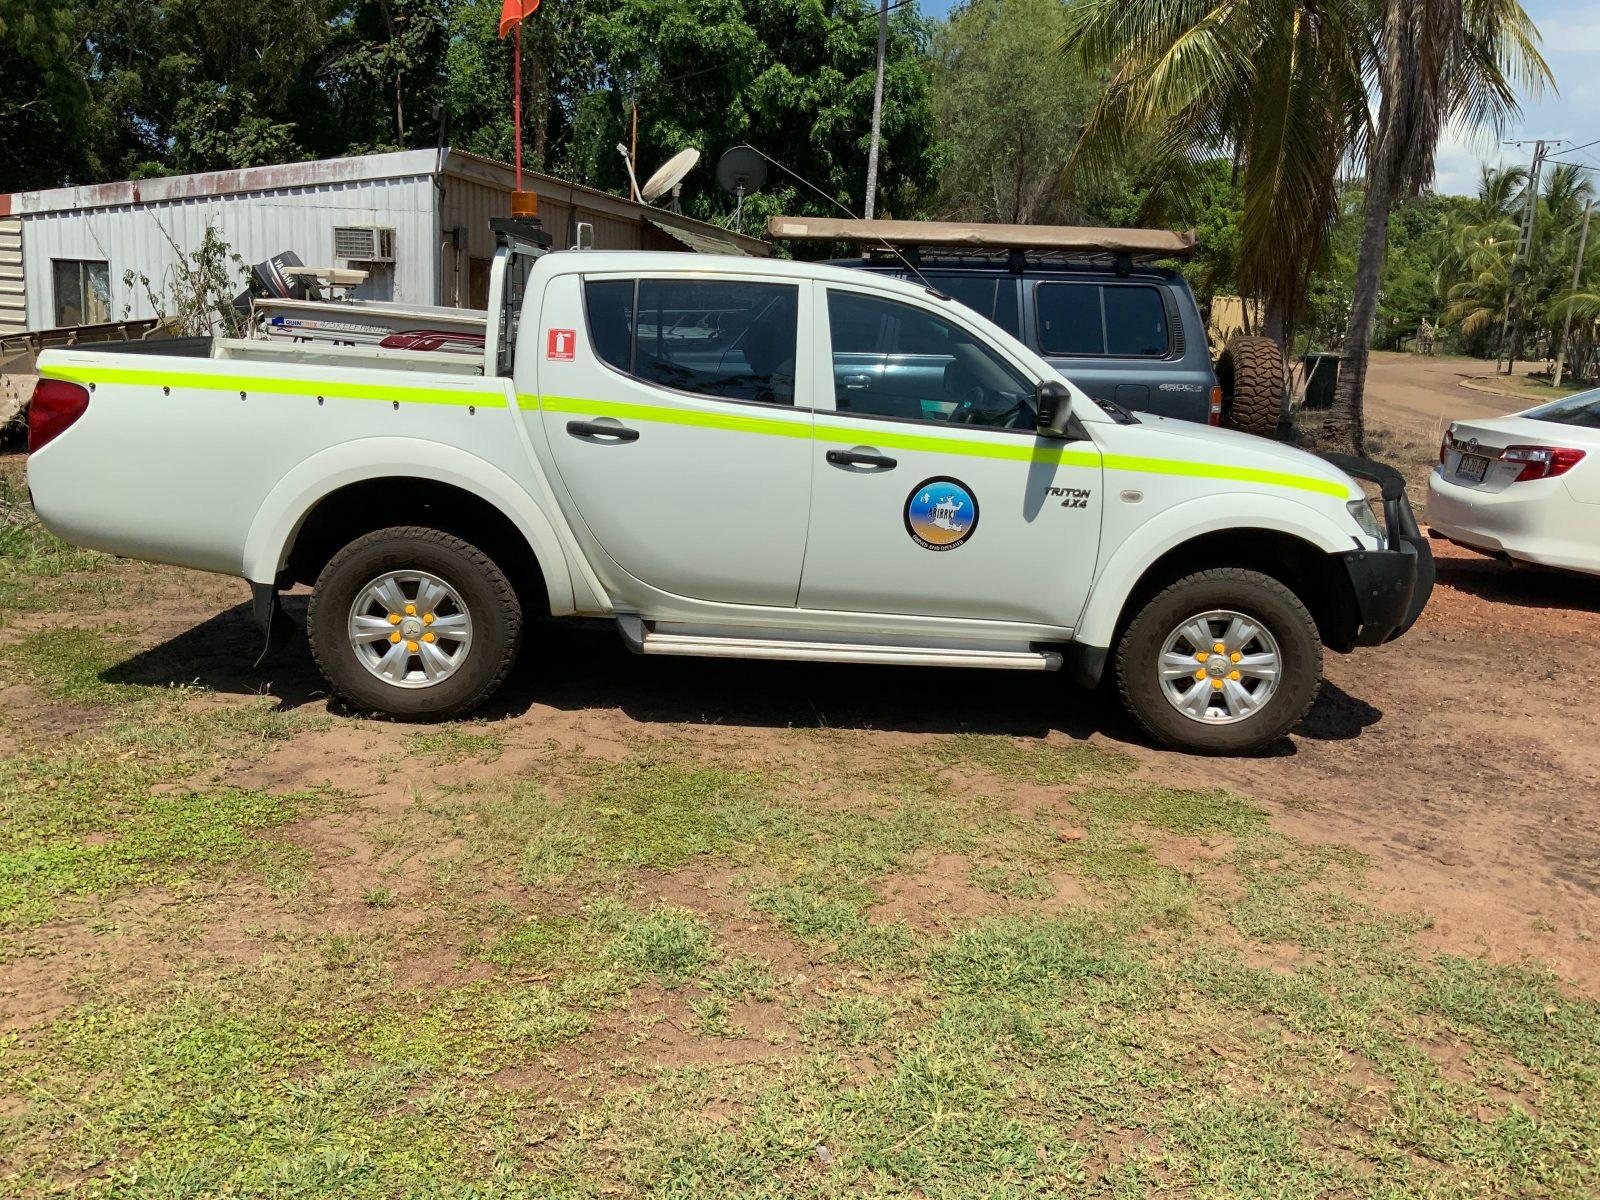 4 wheel drive hire Groote eylandt